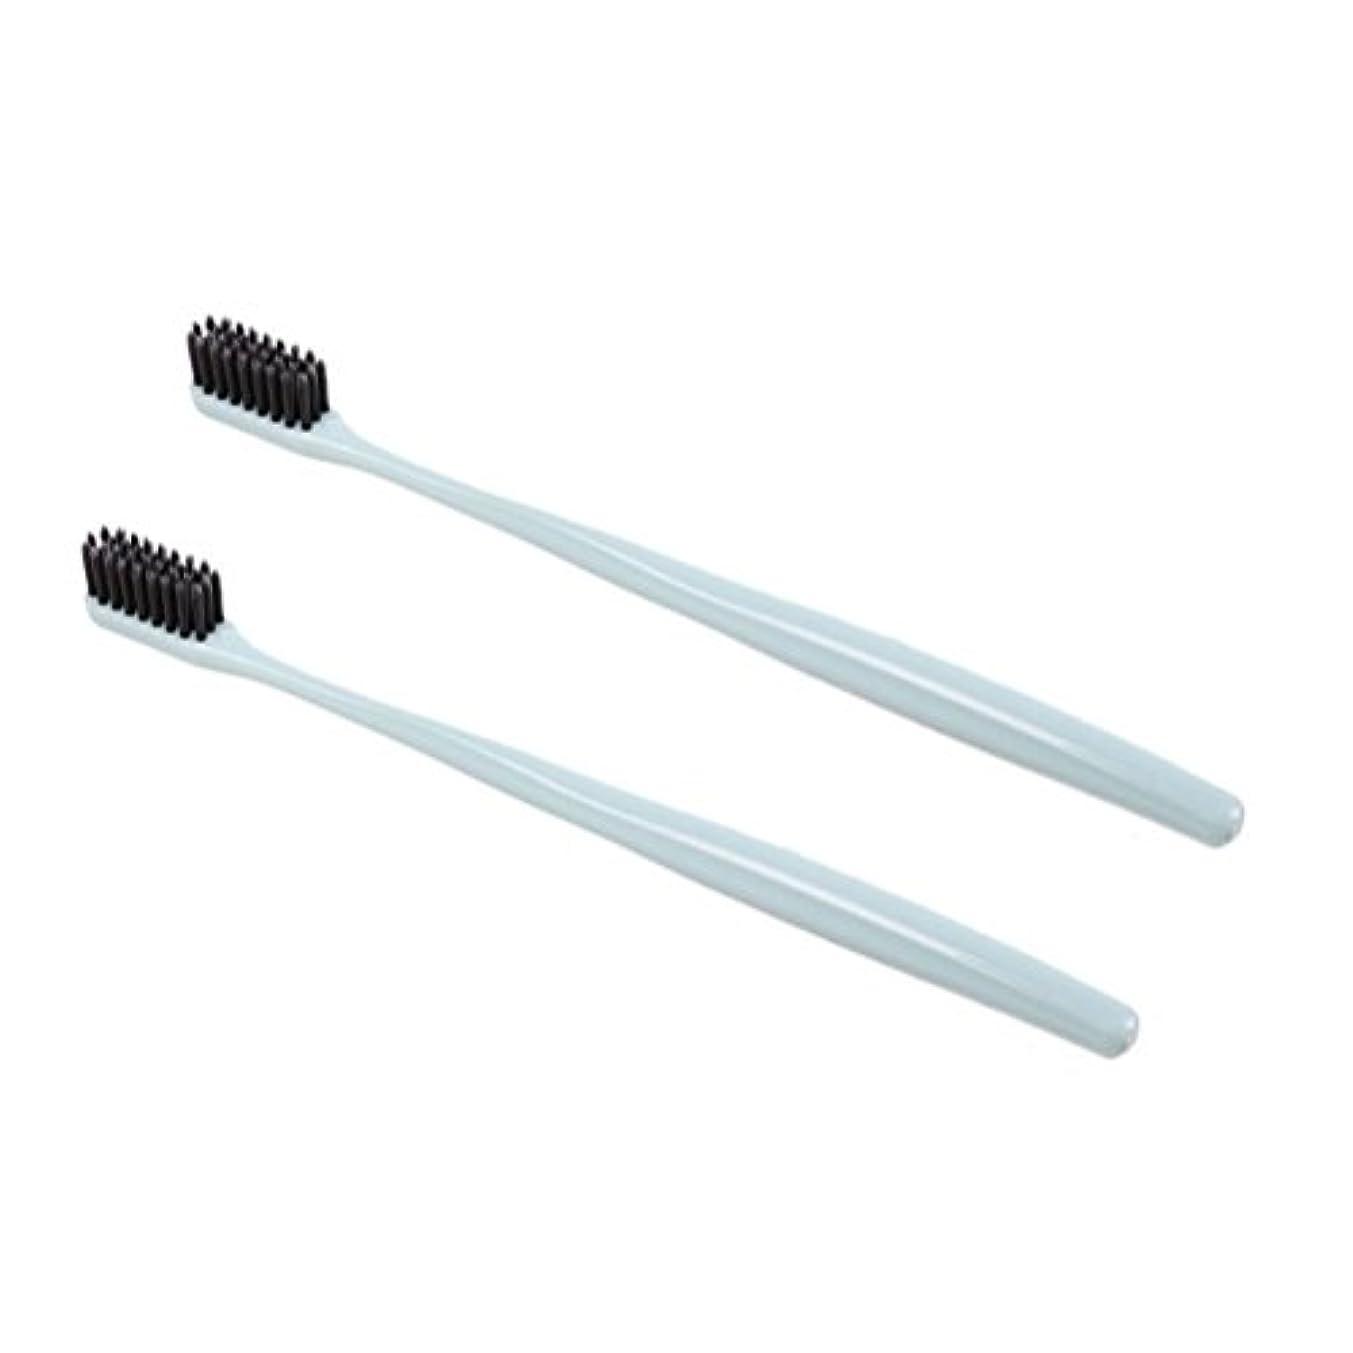 アコー便利さ障害者TOPBATHY 子供と大人のための2本の柔らかい歯ブラシ天然竹炭歯ブラシ小さなヘッド歯ブラシ(グリーン)